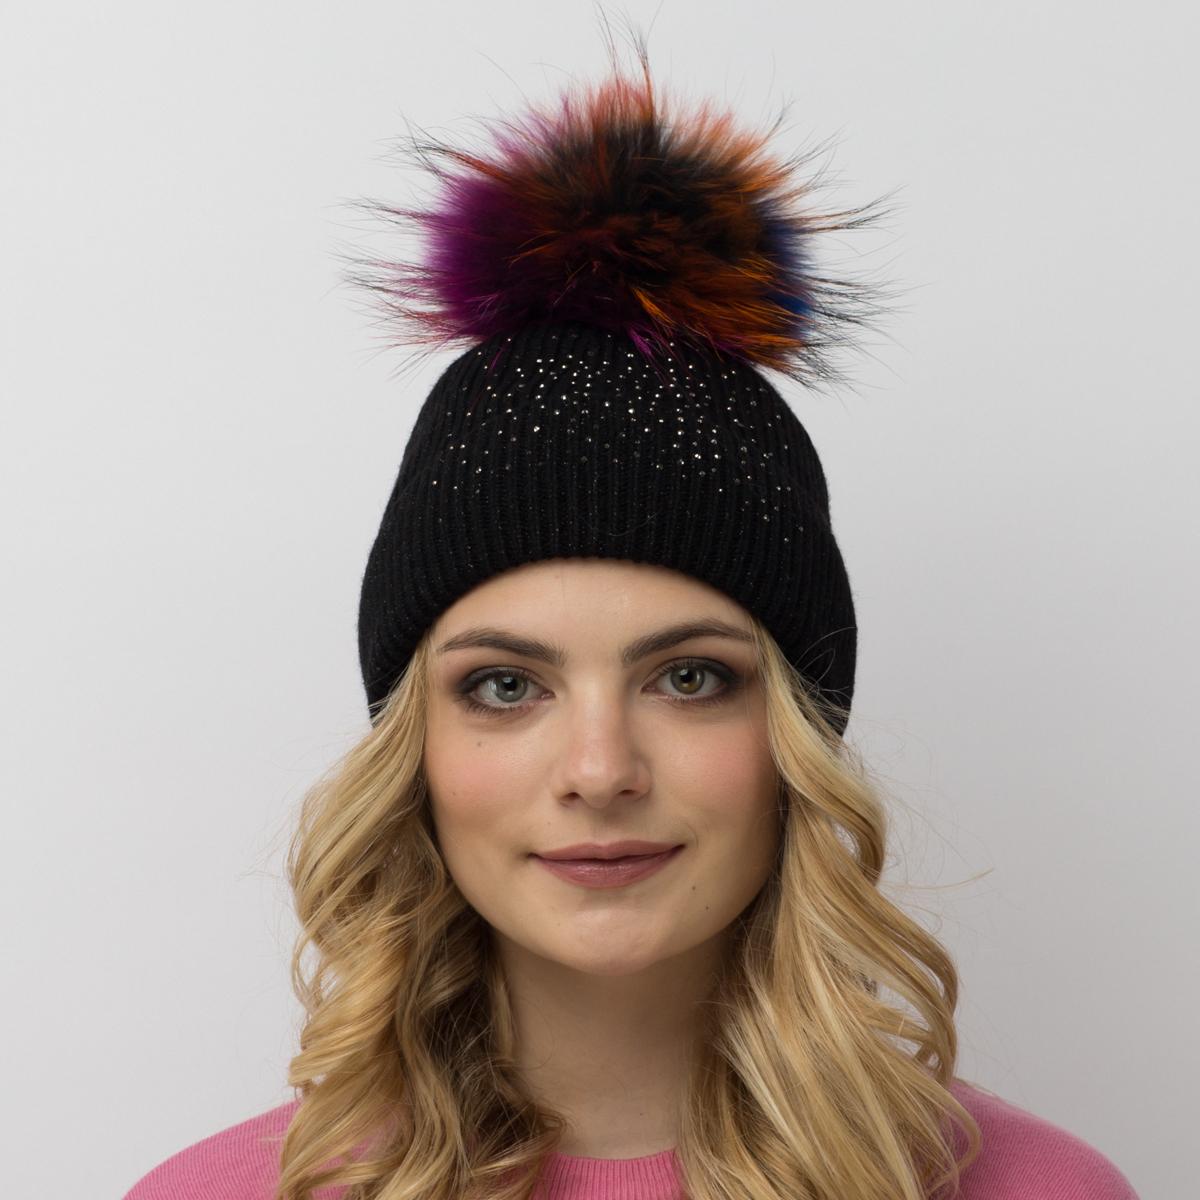 Шапка женская Flioraj, цвет: черный. 710/16-М-СТ FJ. Размер 54/58710/16-М-СТ FJТеплая шерстяная шапка от Flioraj выполнена модной рельефной вязкой. Отлично защитит от холода. Такую шапочку можно носить с любым видом верхней одежды, достаточно только определиться с цветом. Модель дополнена стразами и меховым помпоном.